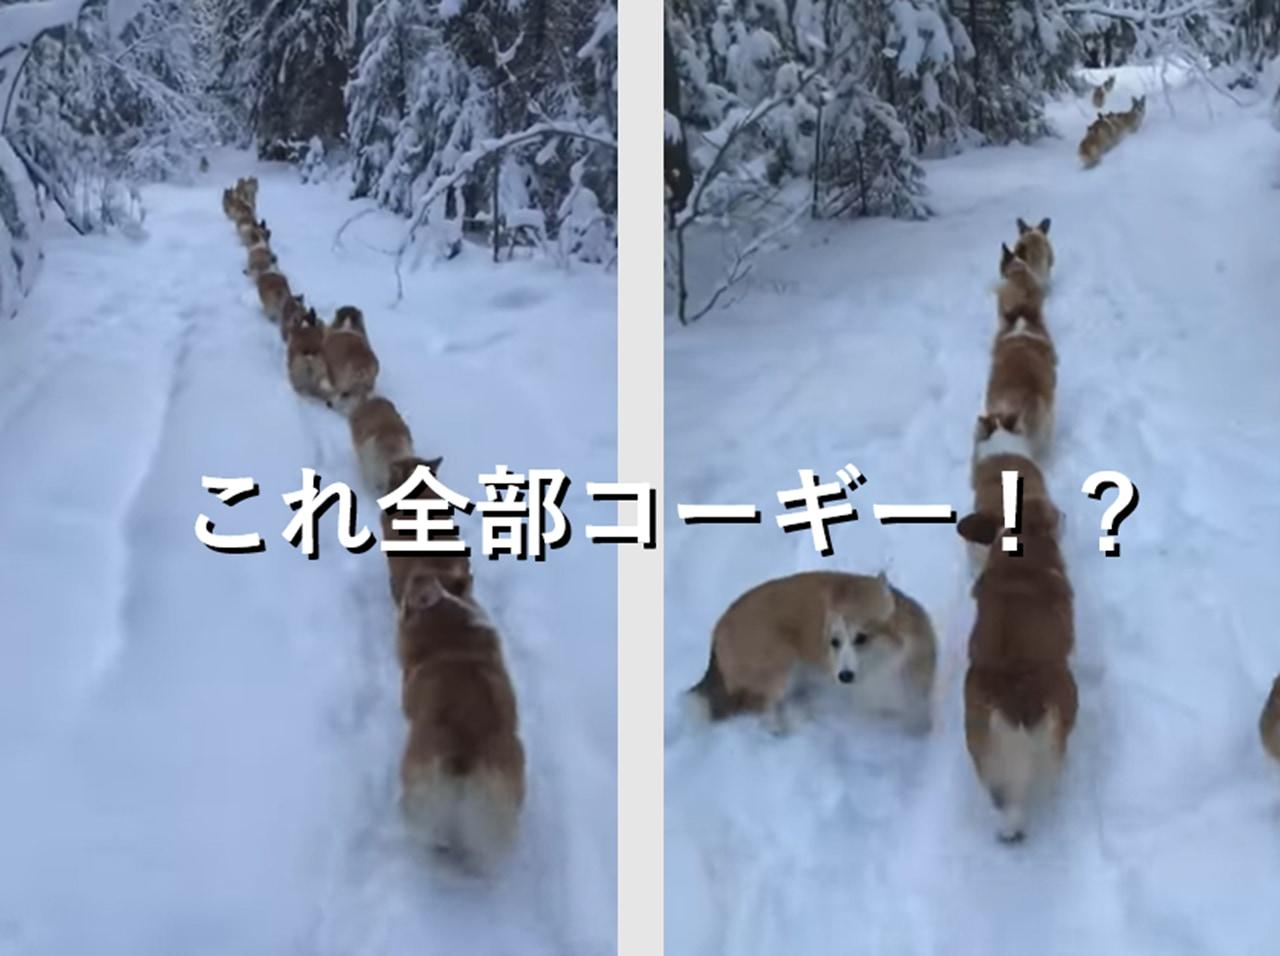 【眼福】雪の中を一列で移動するコーギーの子犬達が可愛すぎる